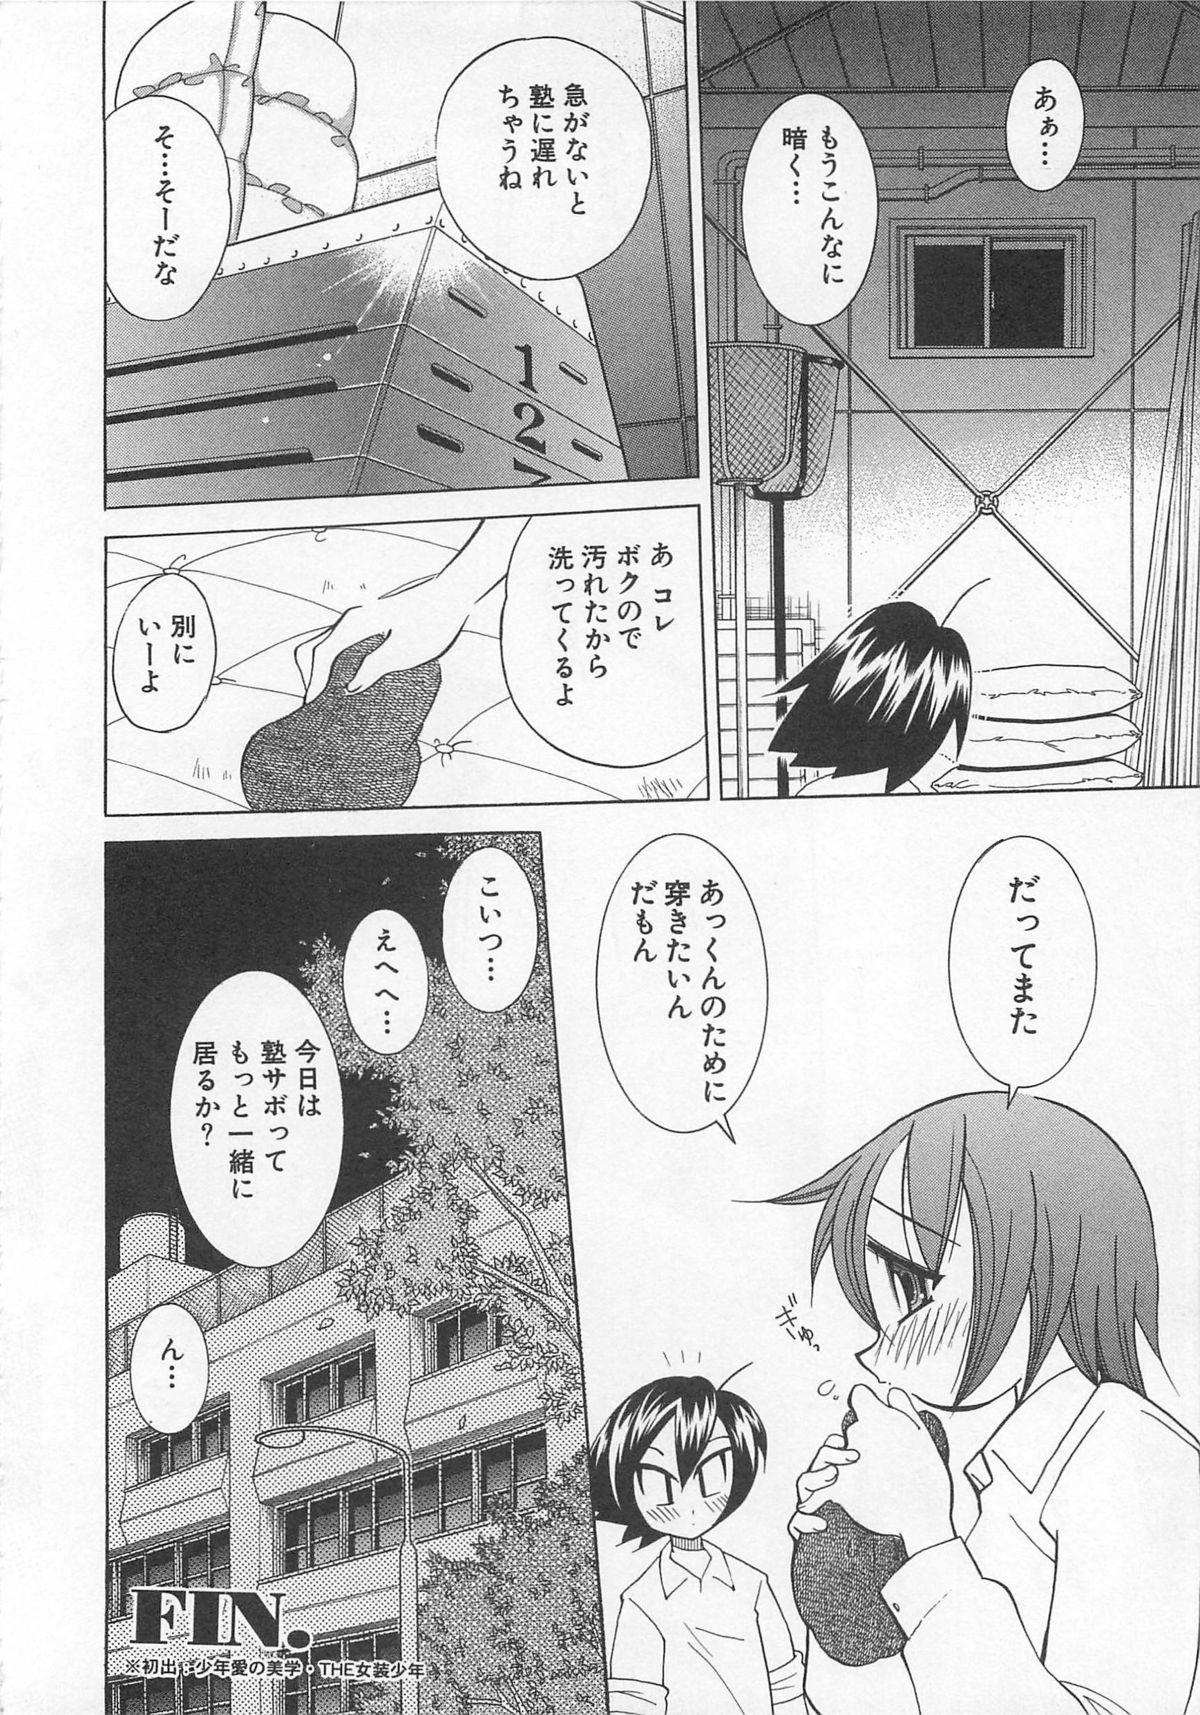 Otokonoko HEAVEN Vol. 01 Meganekko 162